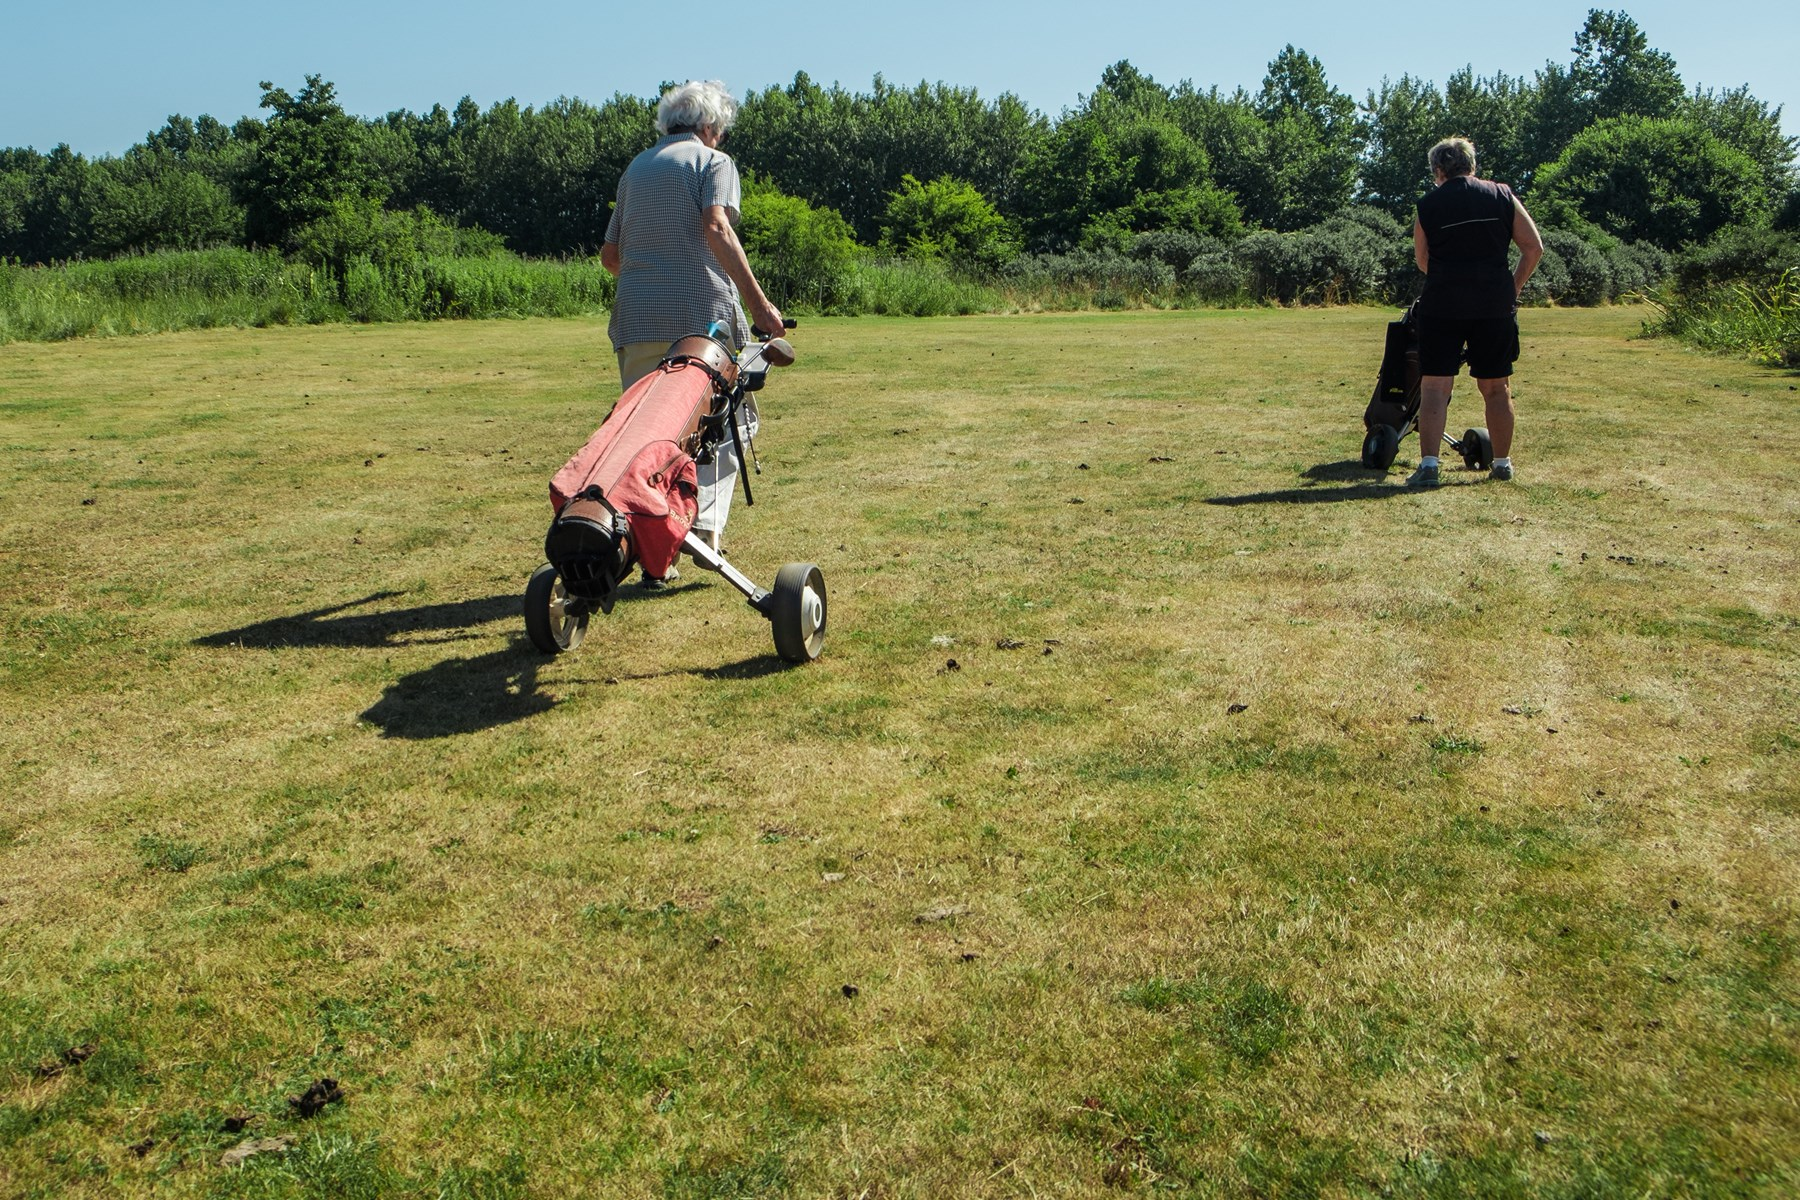 Det er direkte ubehageligt og ulækkert at færdes på golfbanerne i Lindholm, efter at den store fåreflok har holdt sit indtog på arealerne, for nu flyder det med fårelorte over alt. Foto: Lasse Sand